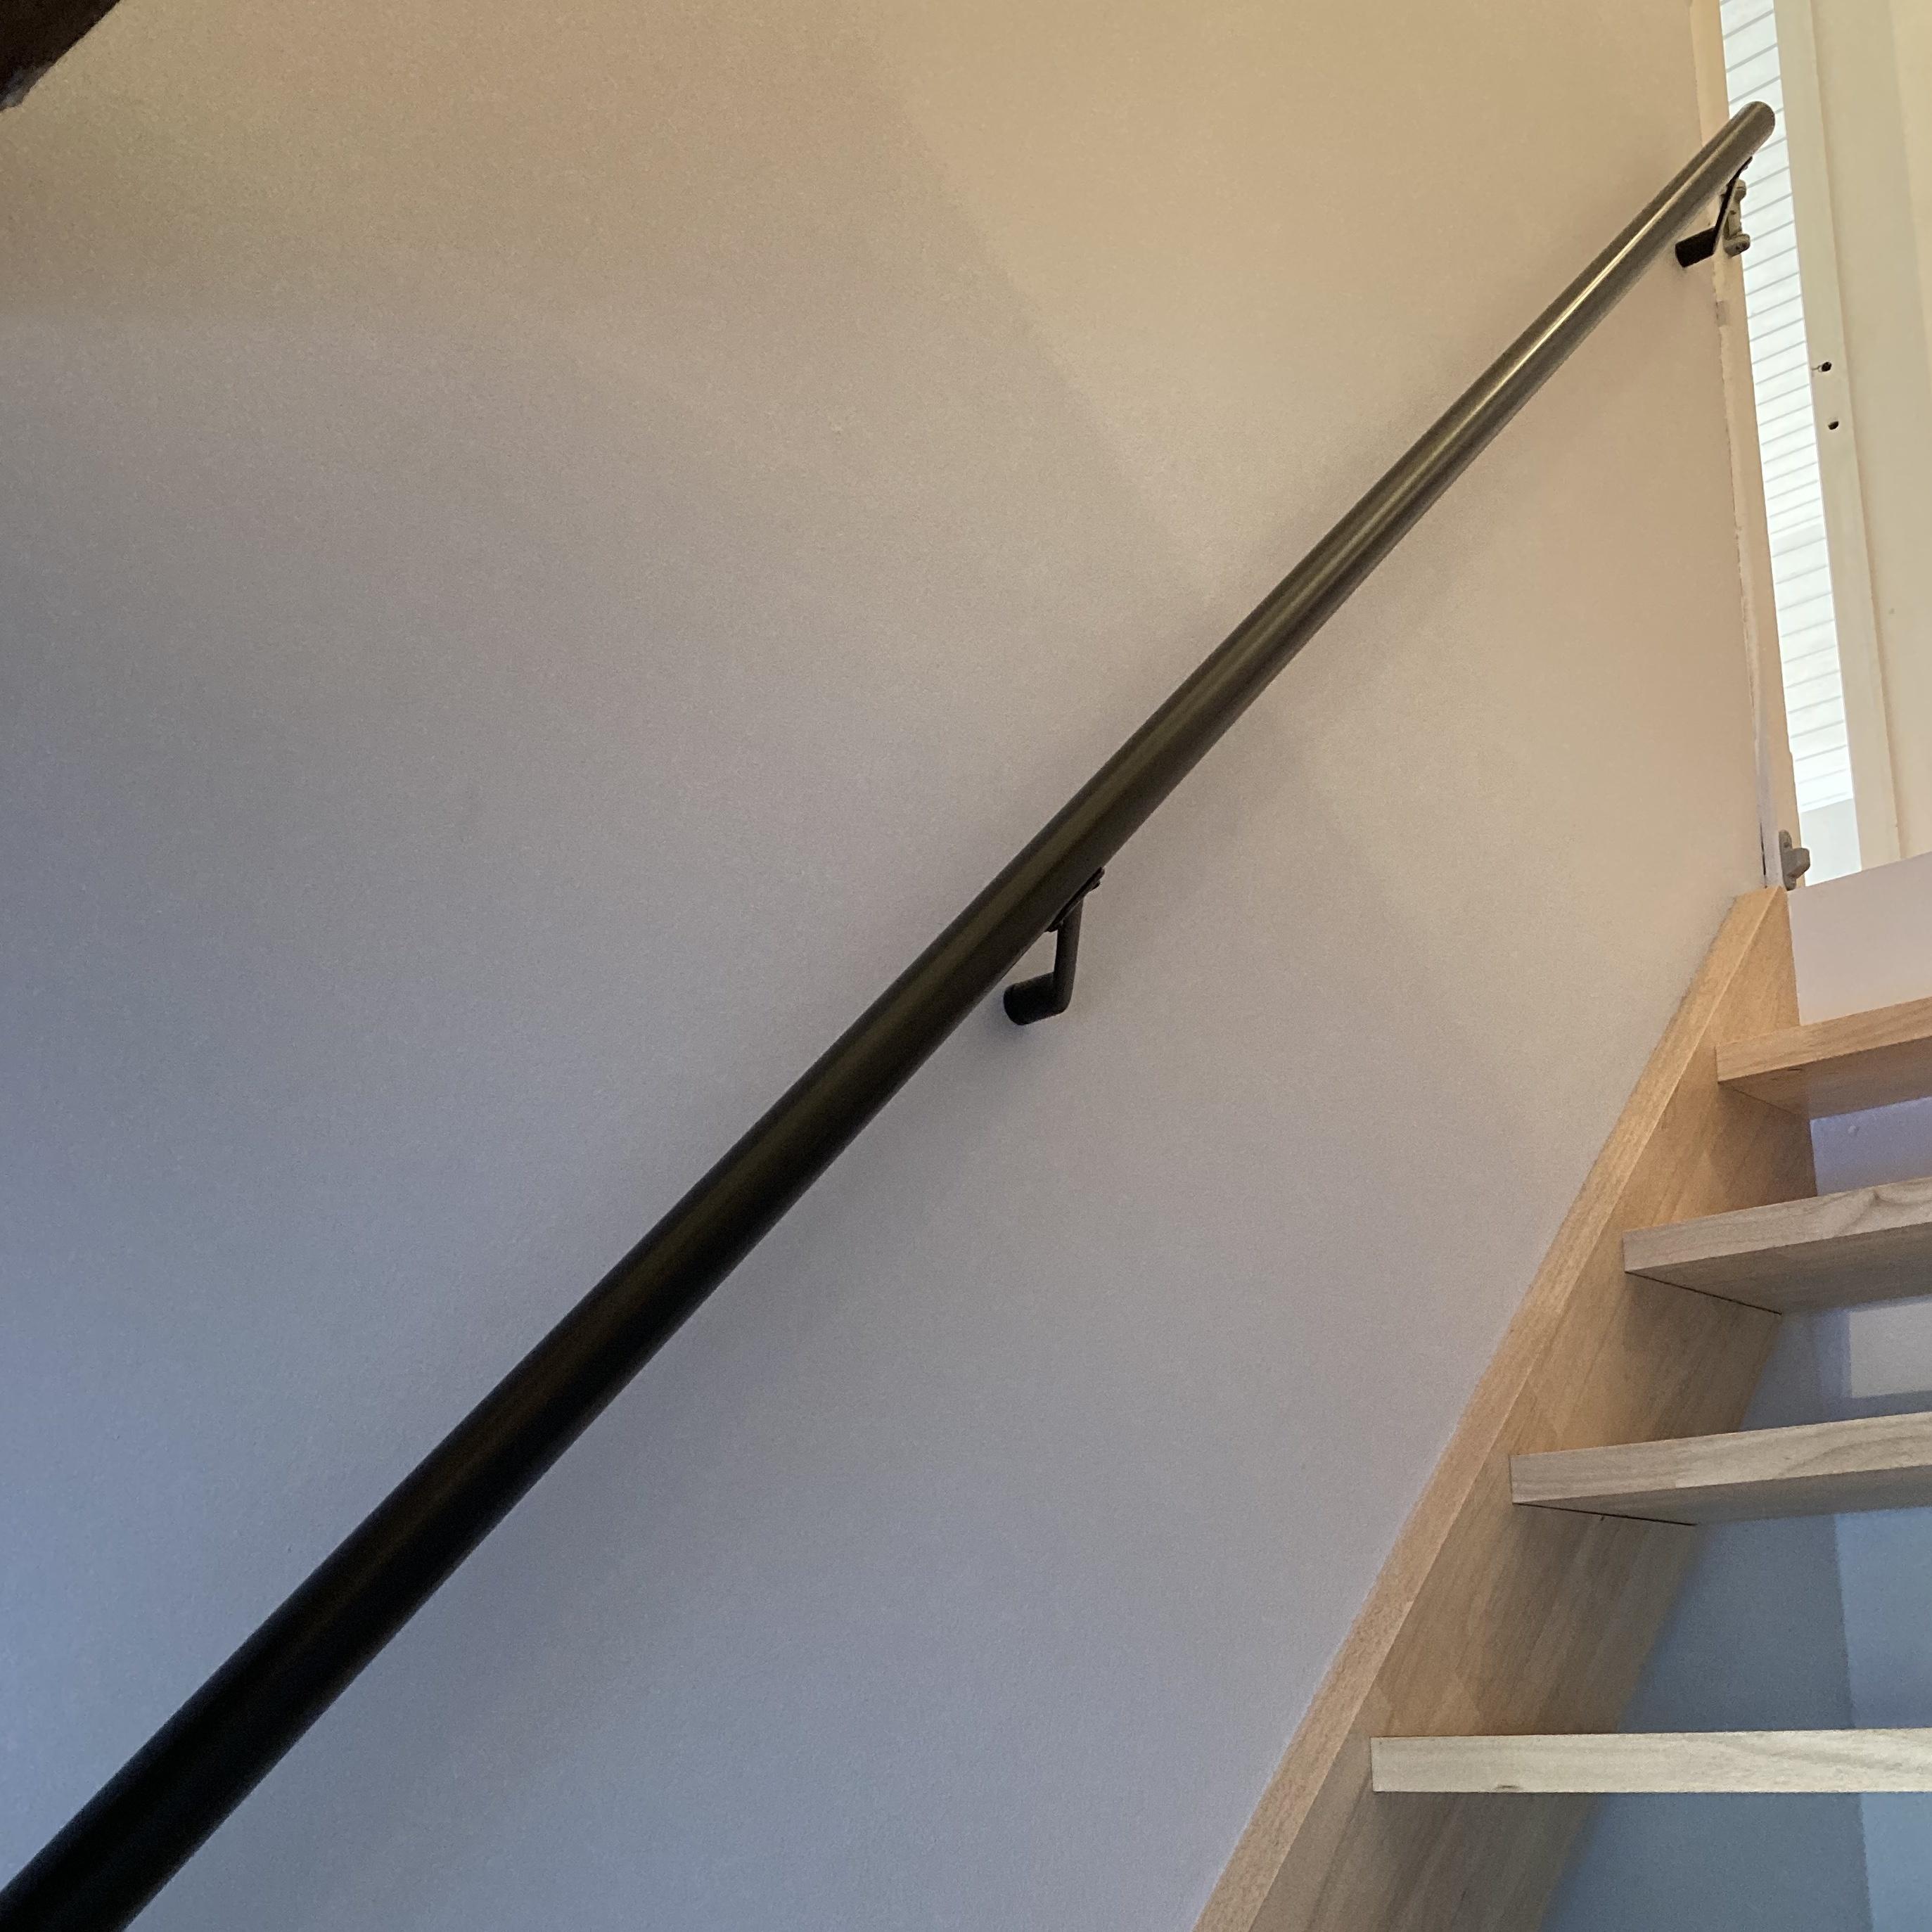 Handlauf schwarz beschichtet rund Modell 7 - RundeTreppengeländer - Treppenhandlauf mit schwarzer Pulverbeschichtung RAL 9005